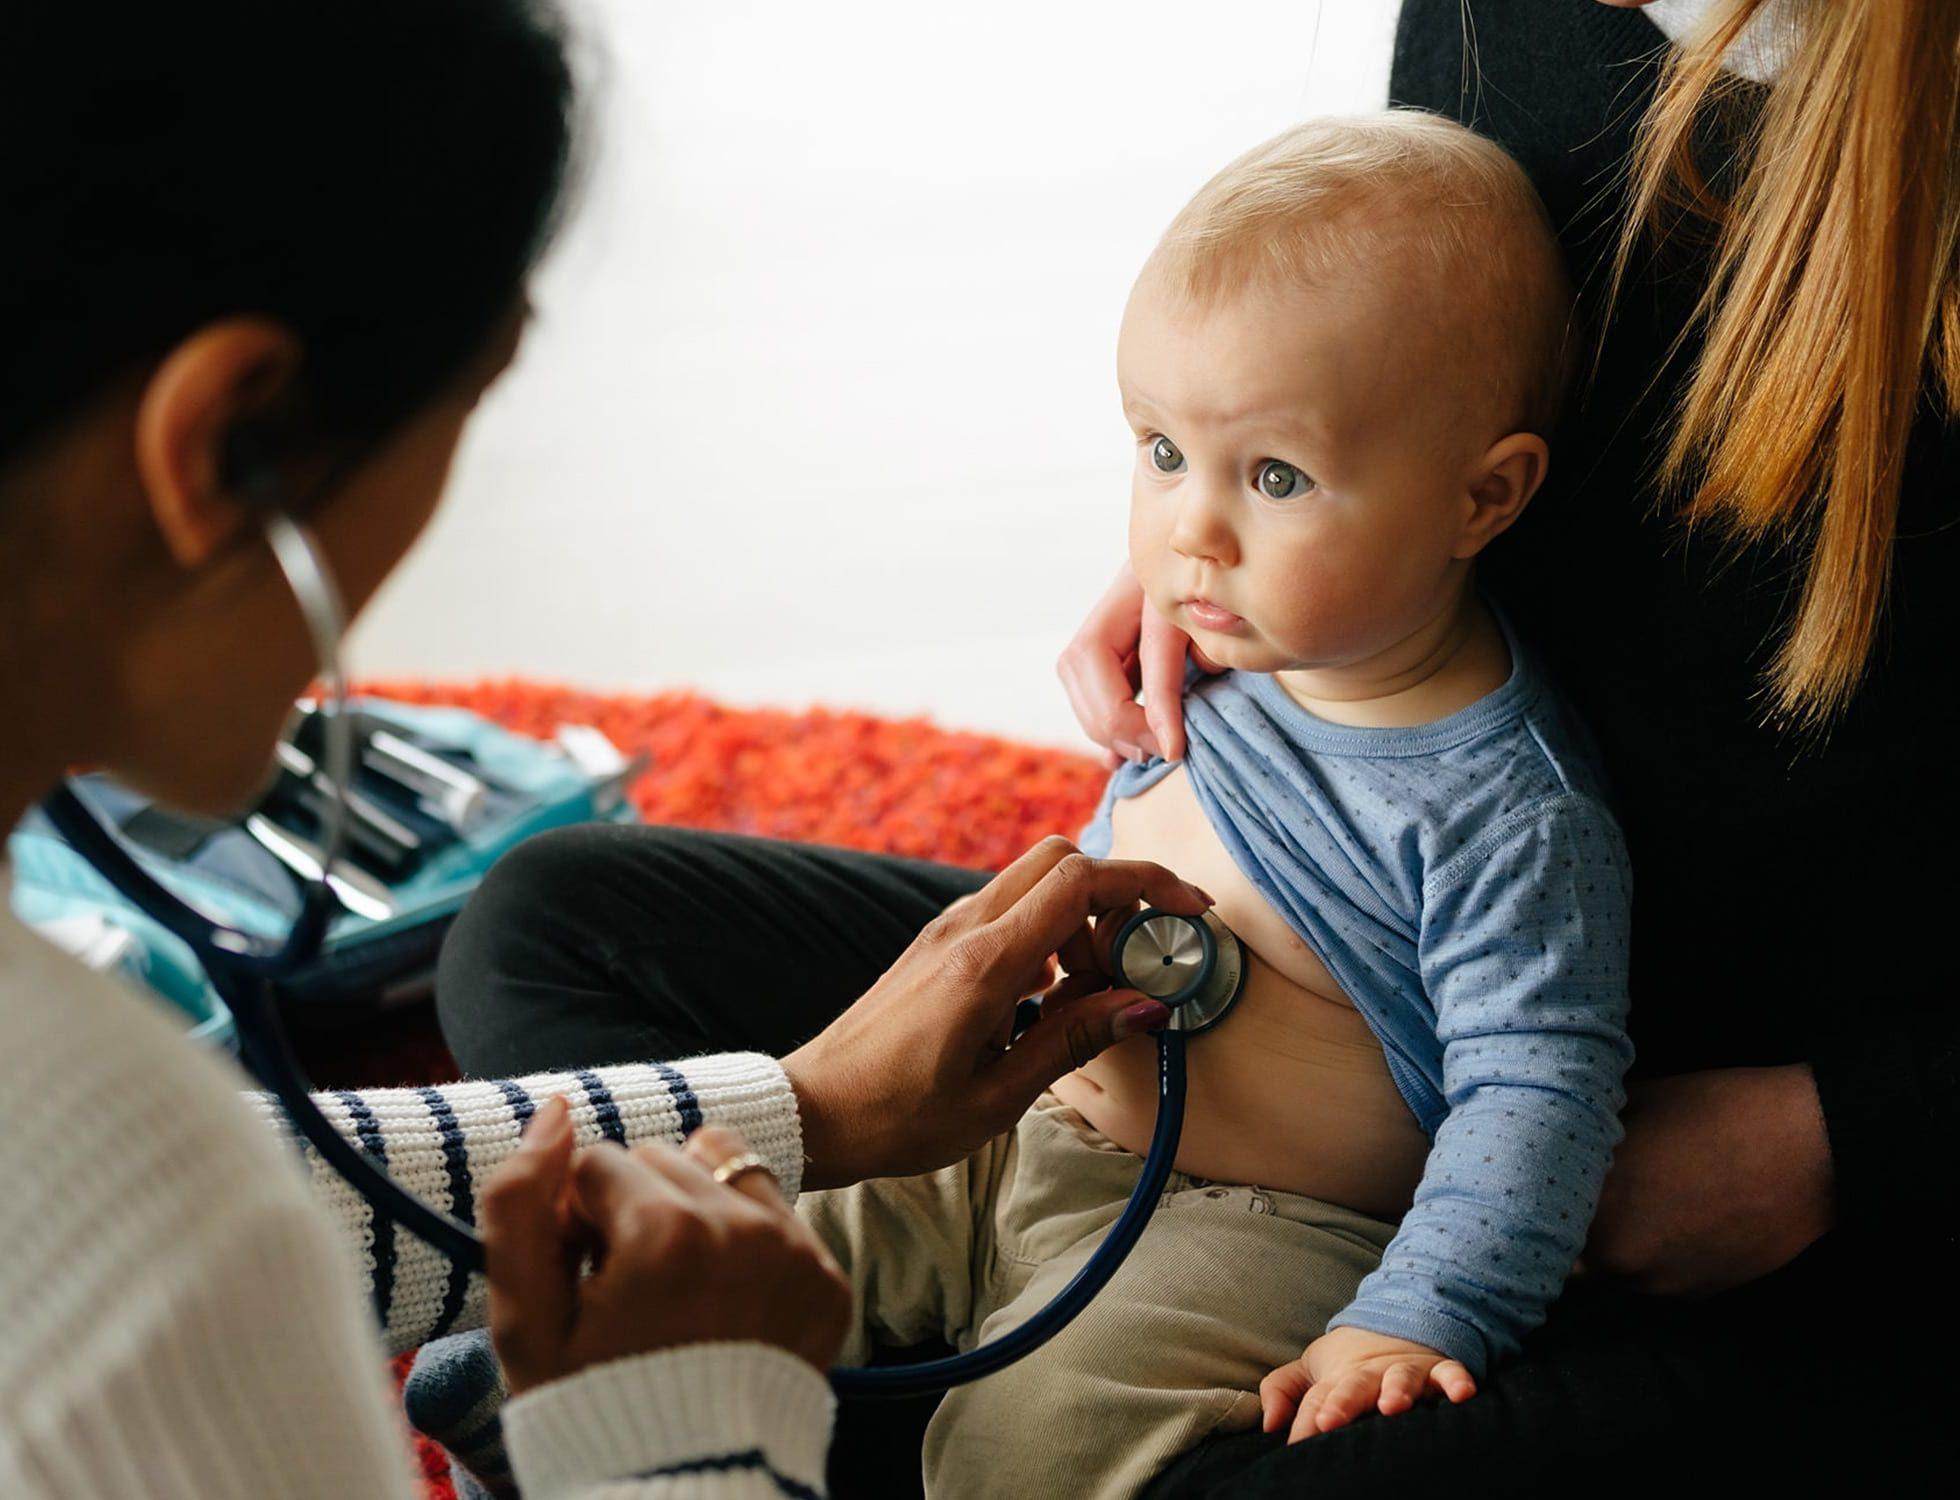 Lege undersøker barn på mors fang med stetoskop, på hjemmebesøk